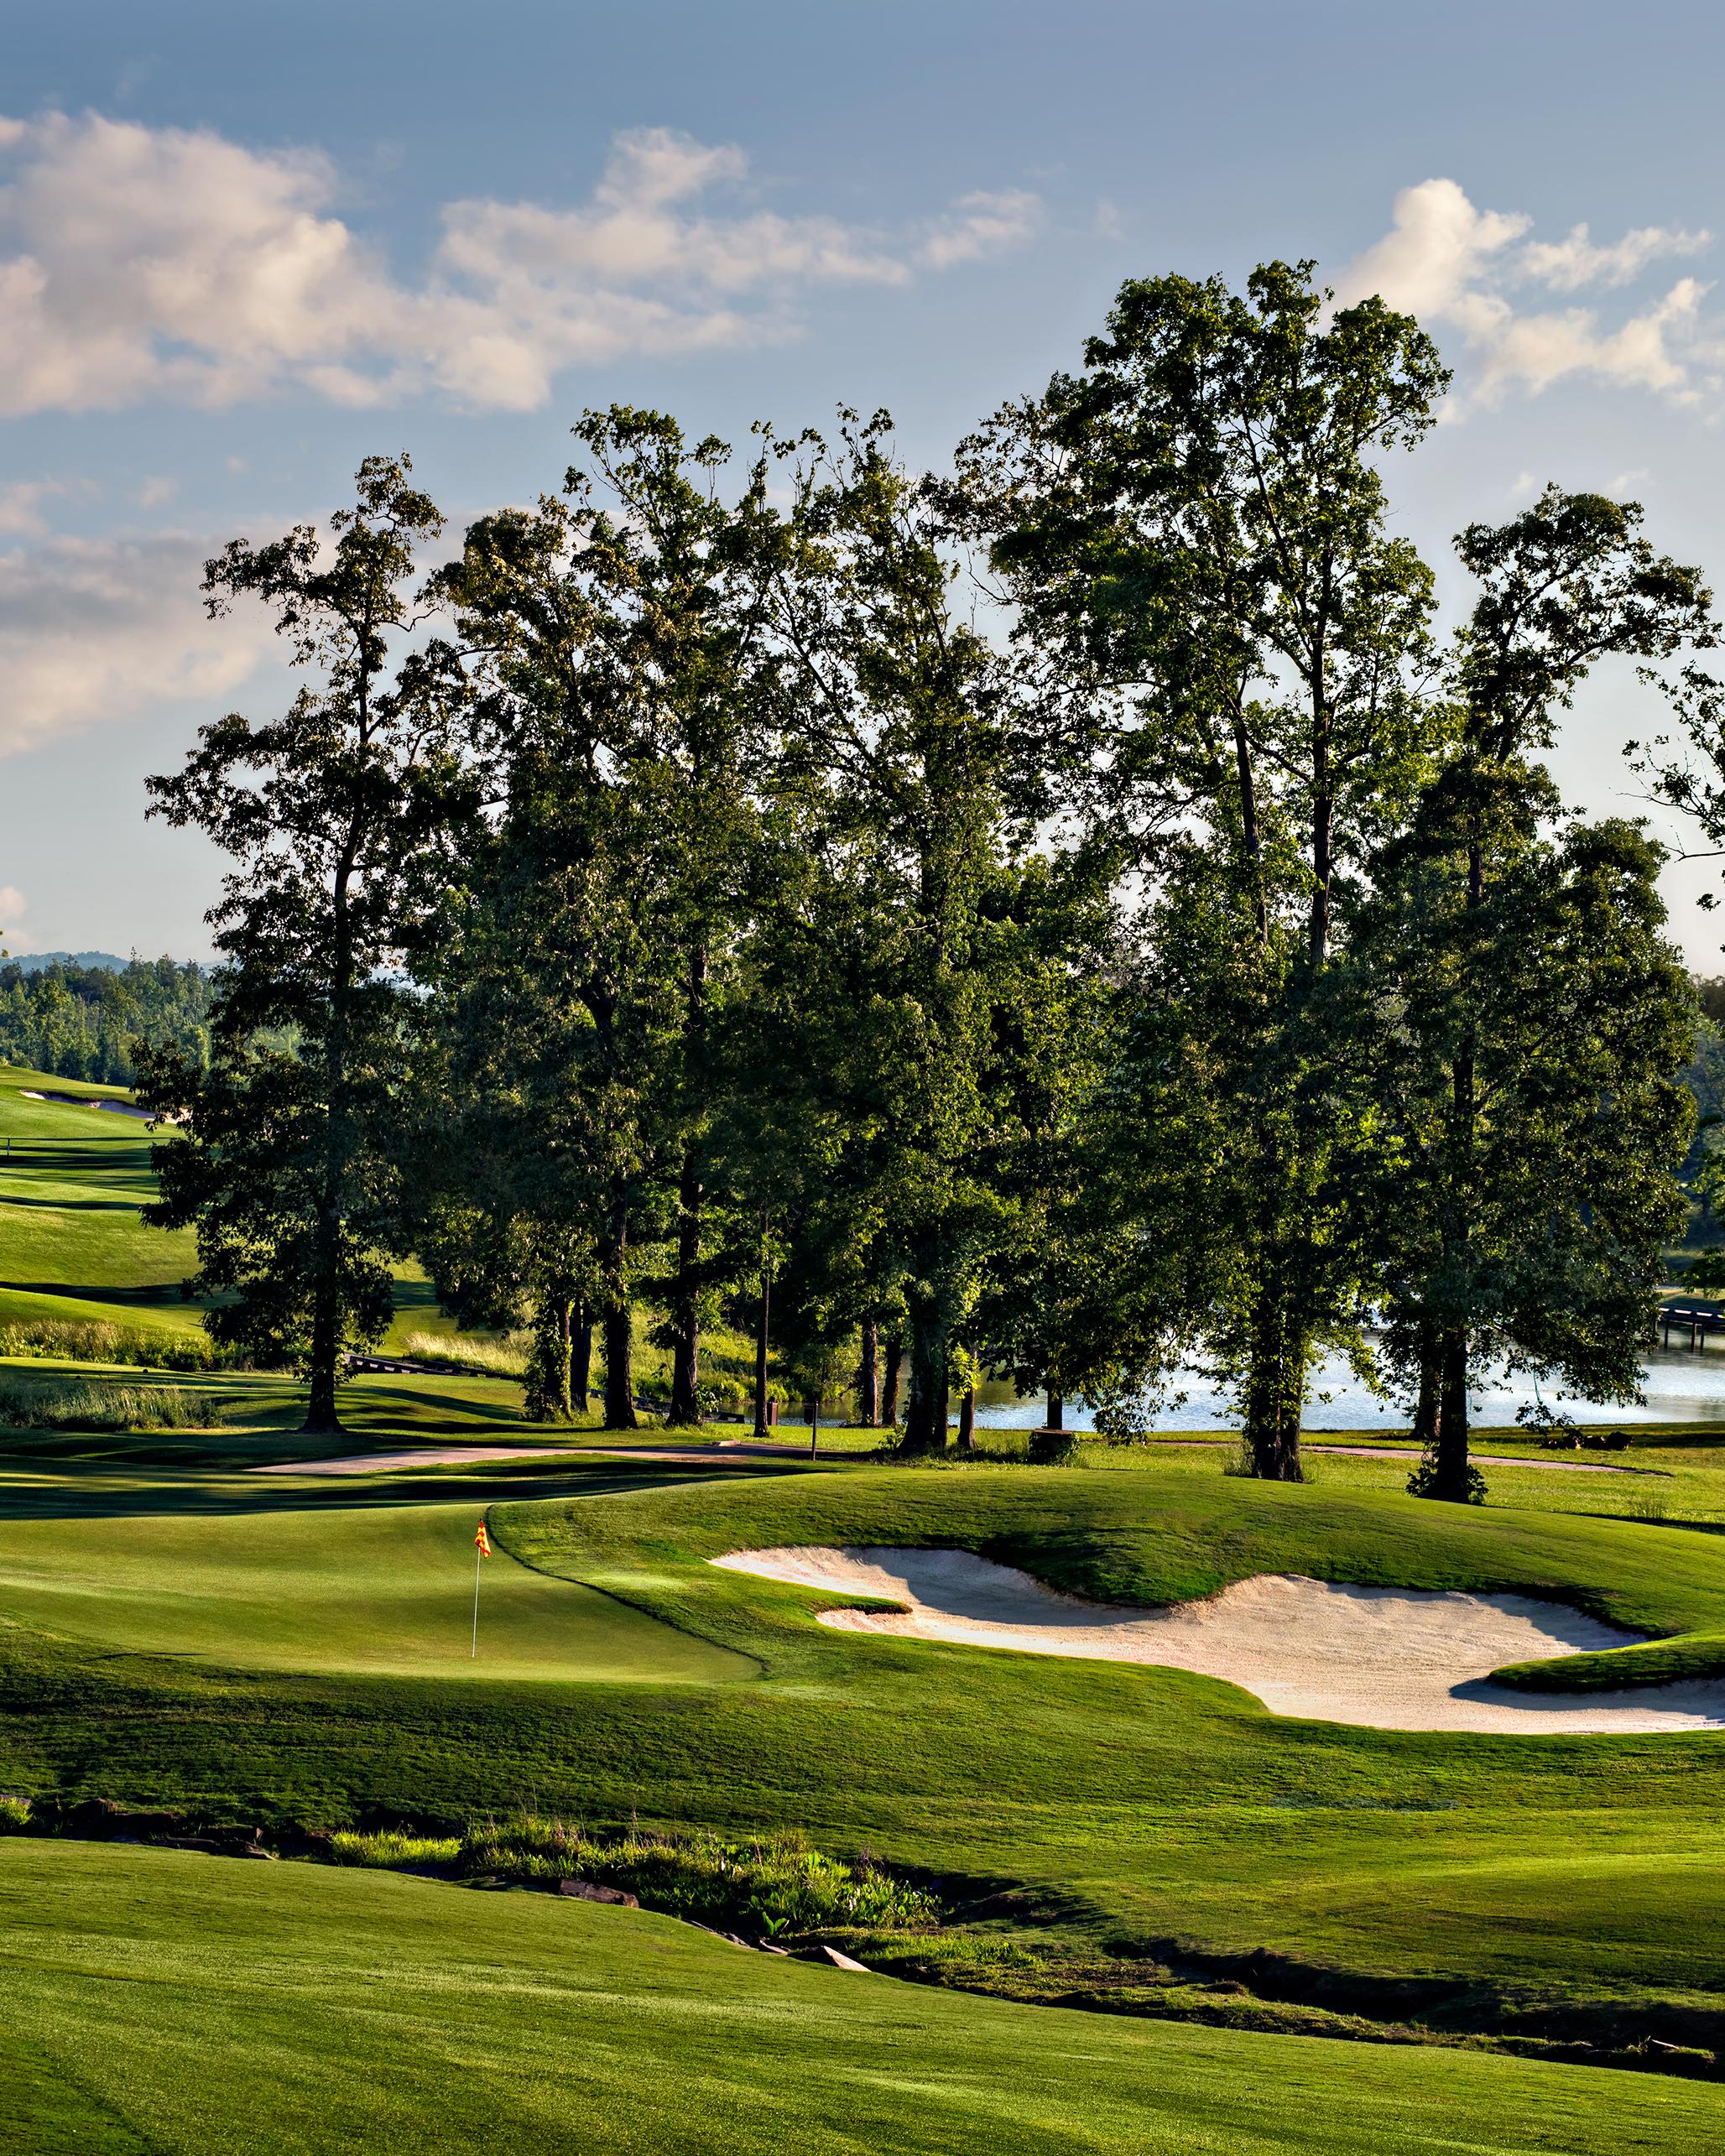 bachelor-party-trips-golfing-silver-lake-0315.jpg